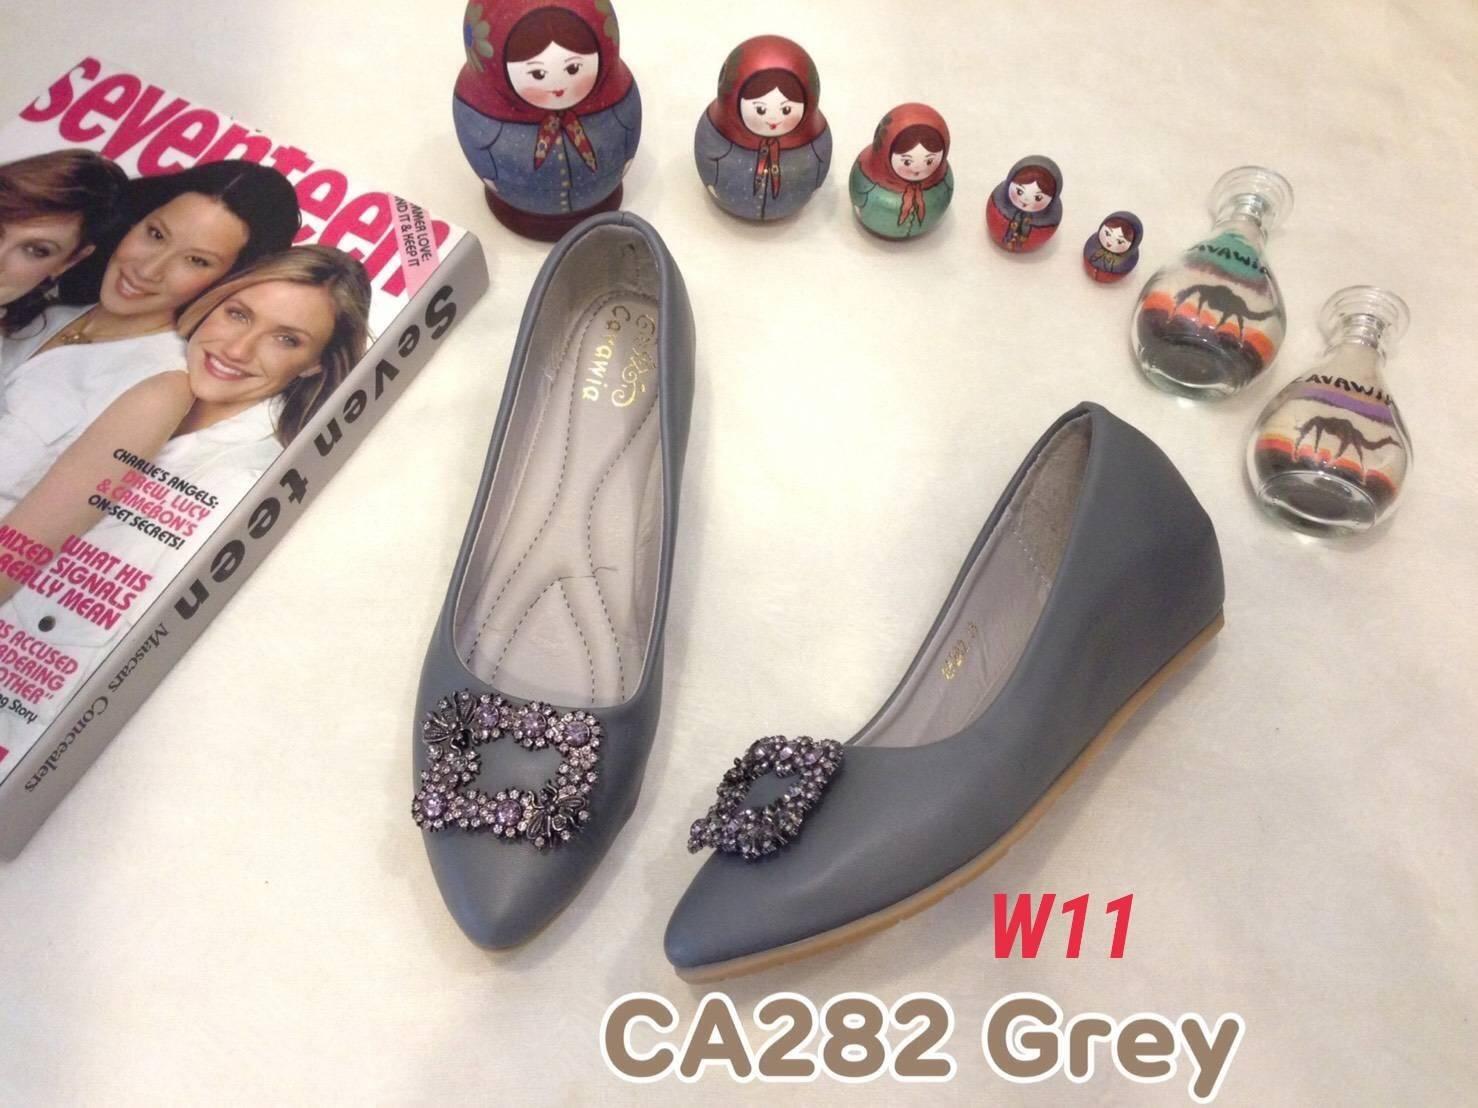 รองเท้าคัทชู ส้นเตารีด แต่งอะไหล่สวยหรู หนังนิ่ม ทรงสวย สูงประมาณ 2 นิ้ว ใส่สบาย แมทสวยได้ทุกชุด (CA282)